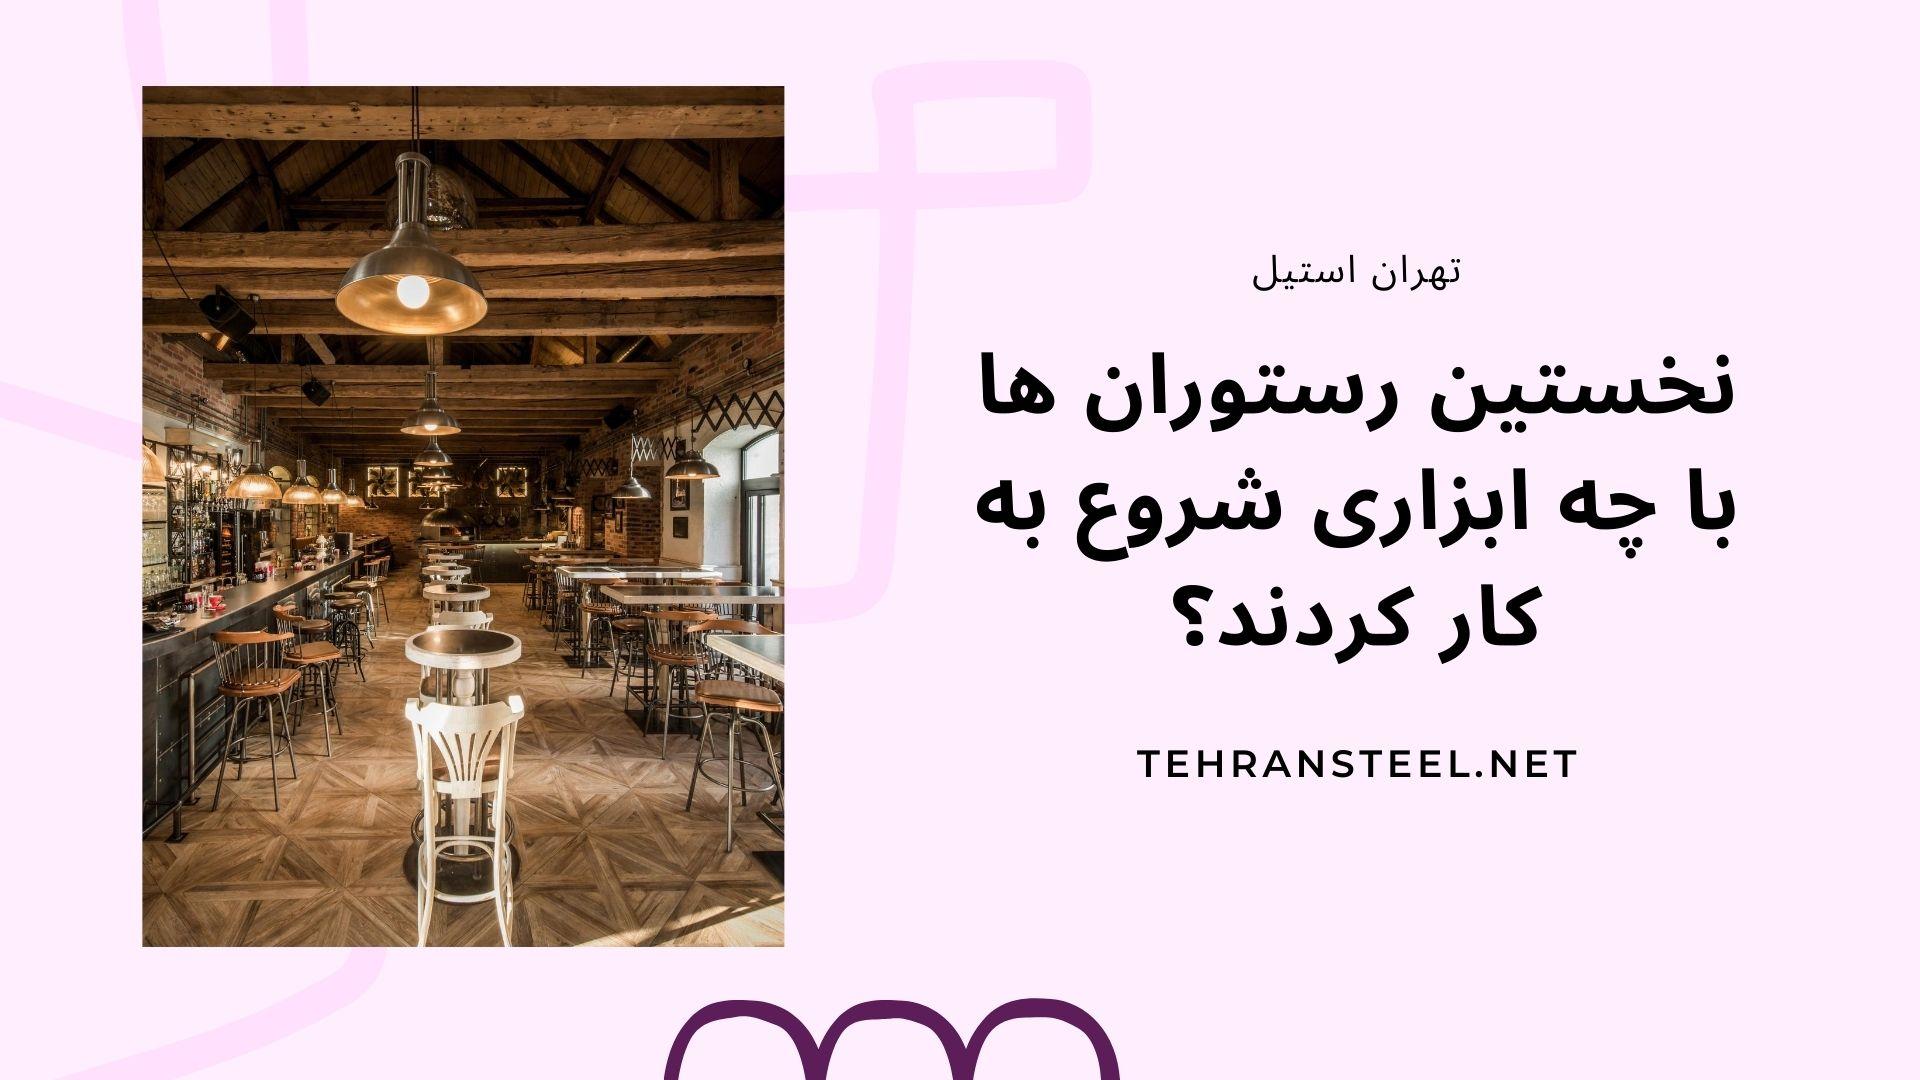 نخستین رستوران ها با چه ابزاری شروع به کار کردند؟